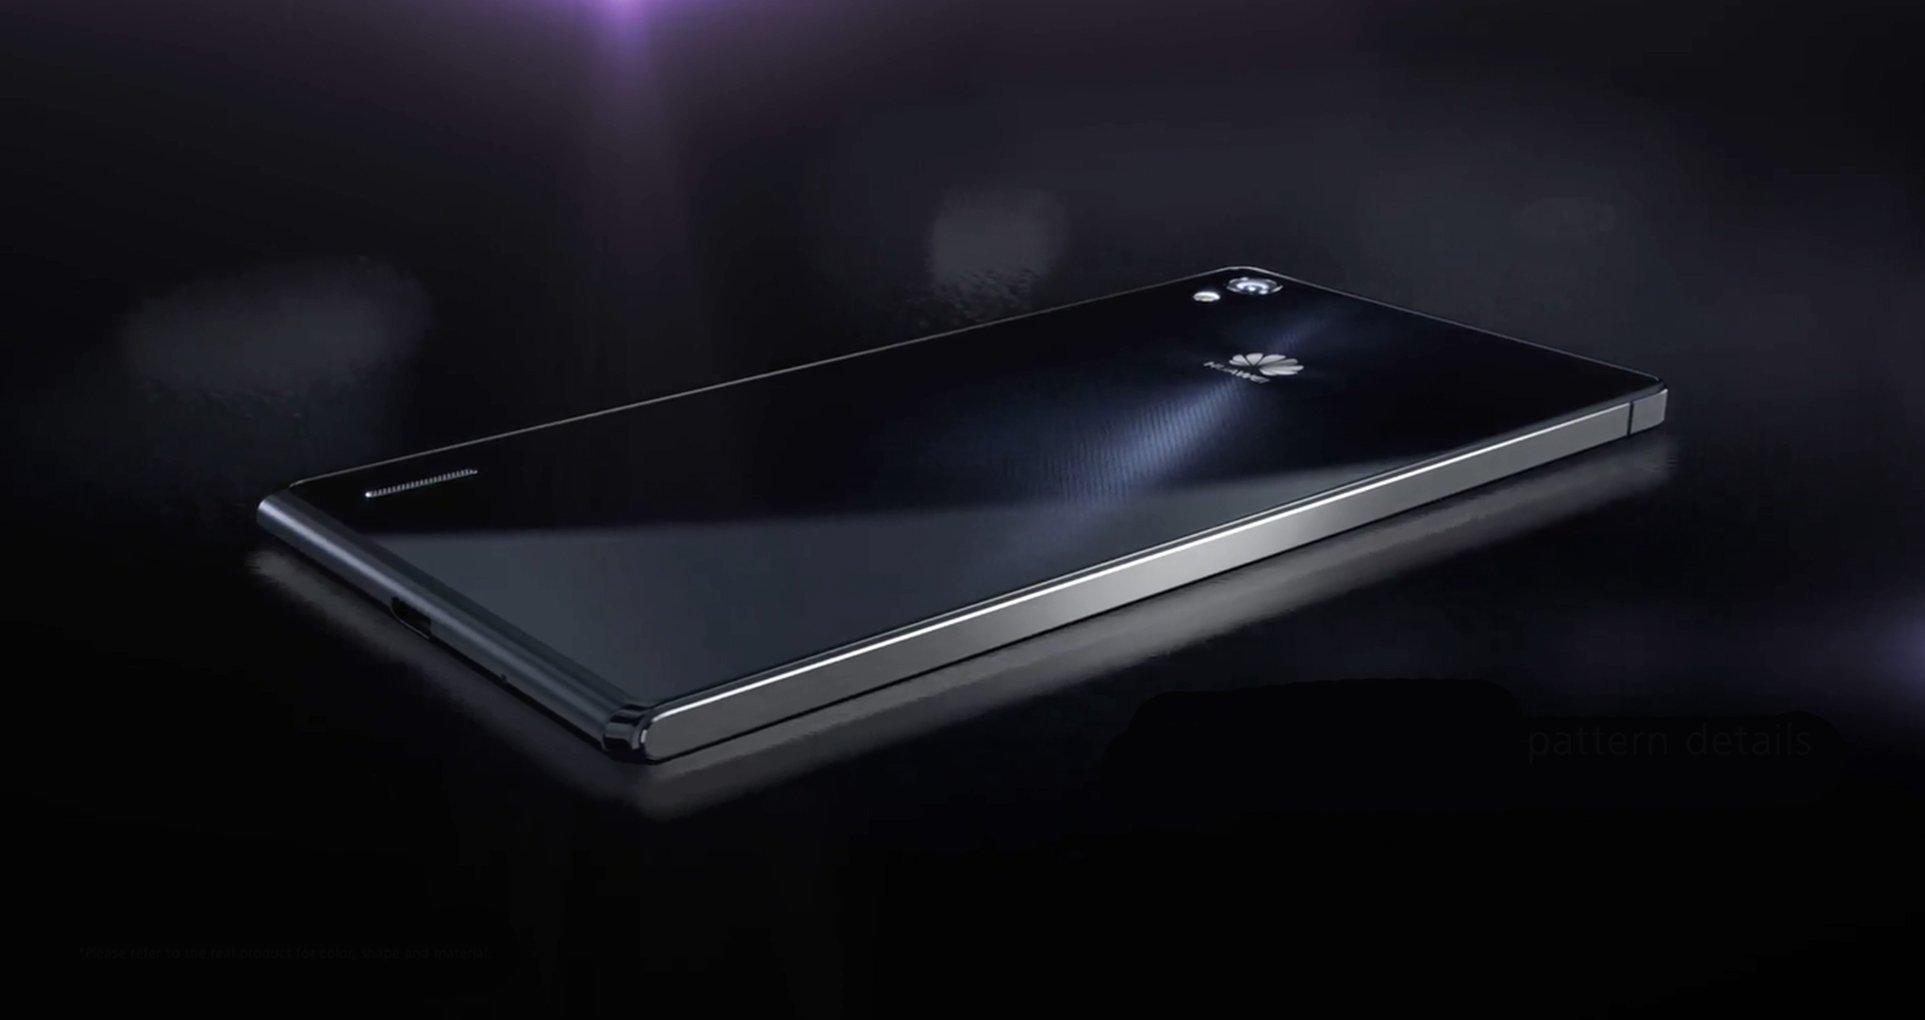 Hình ảnh chiếc smartphone giá rẻ Huawei rò rỉ với vỏ gốm sứ nổi bật